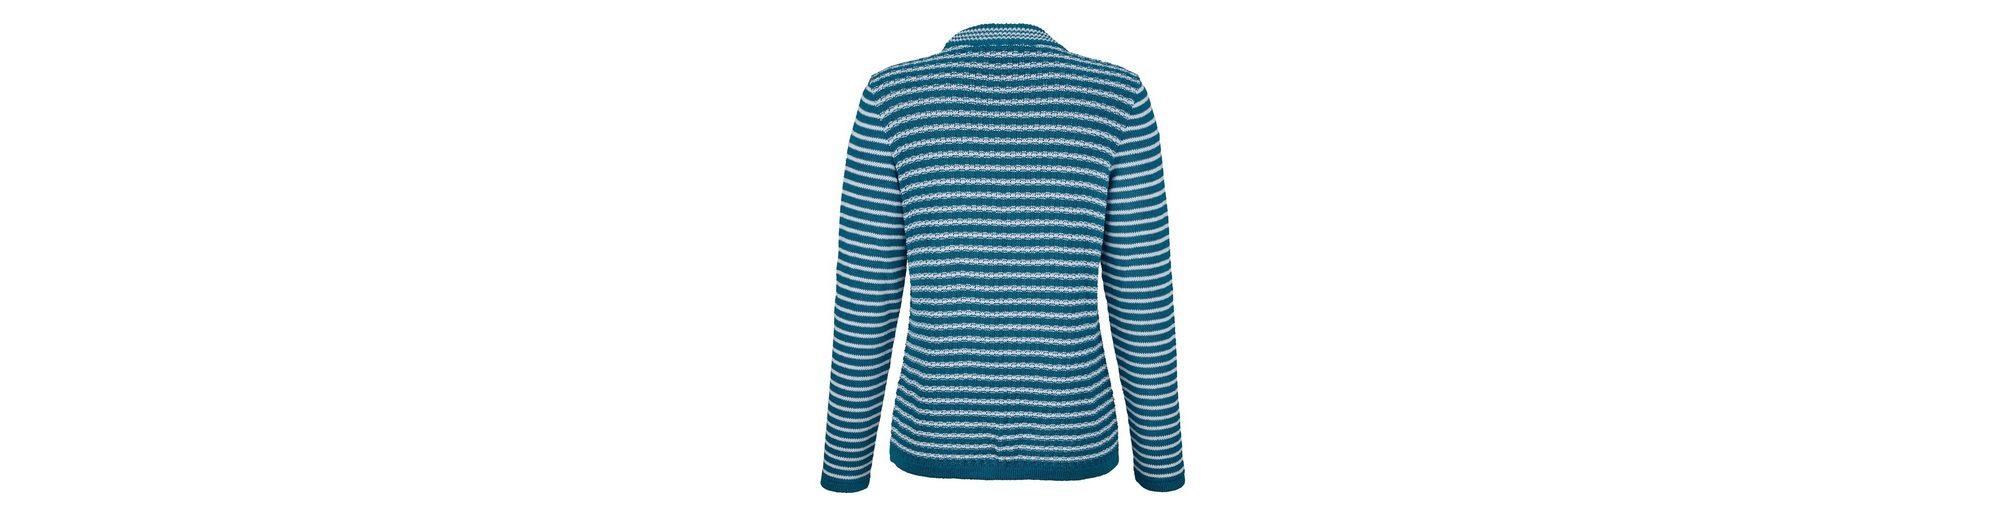 Dress In Pullover in Streifendessin Spielraum sjzAW